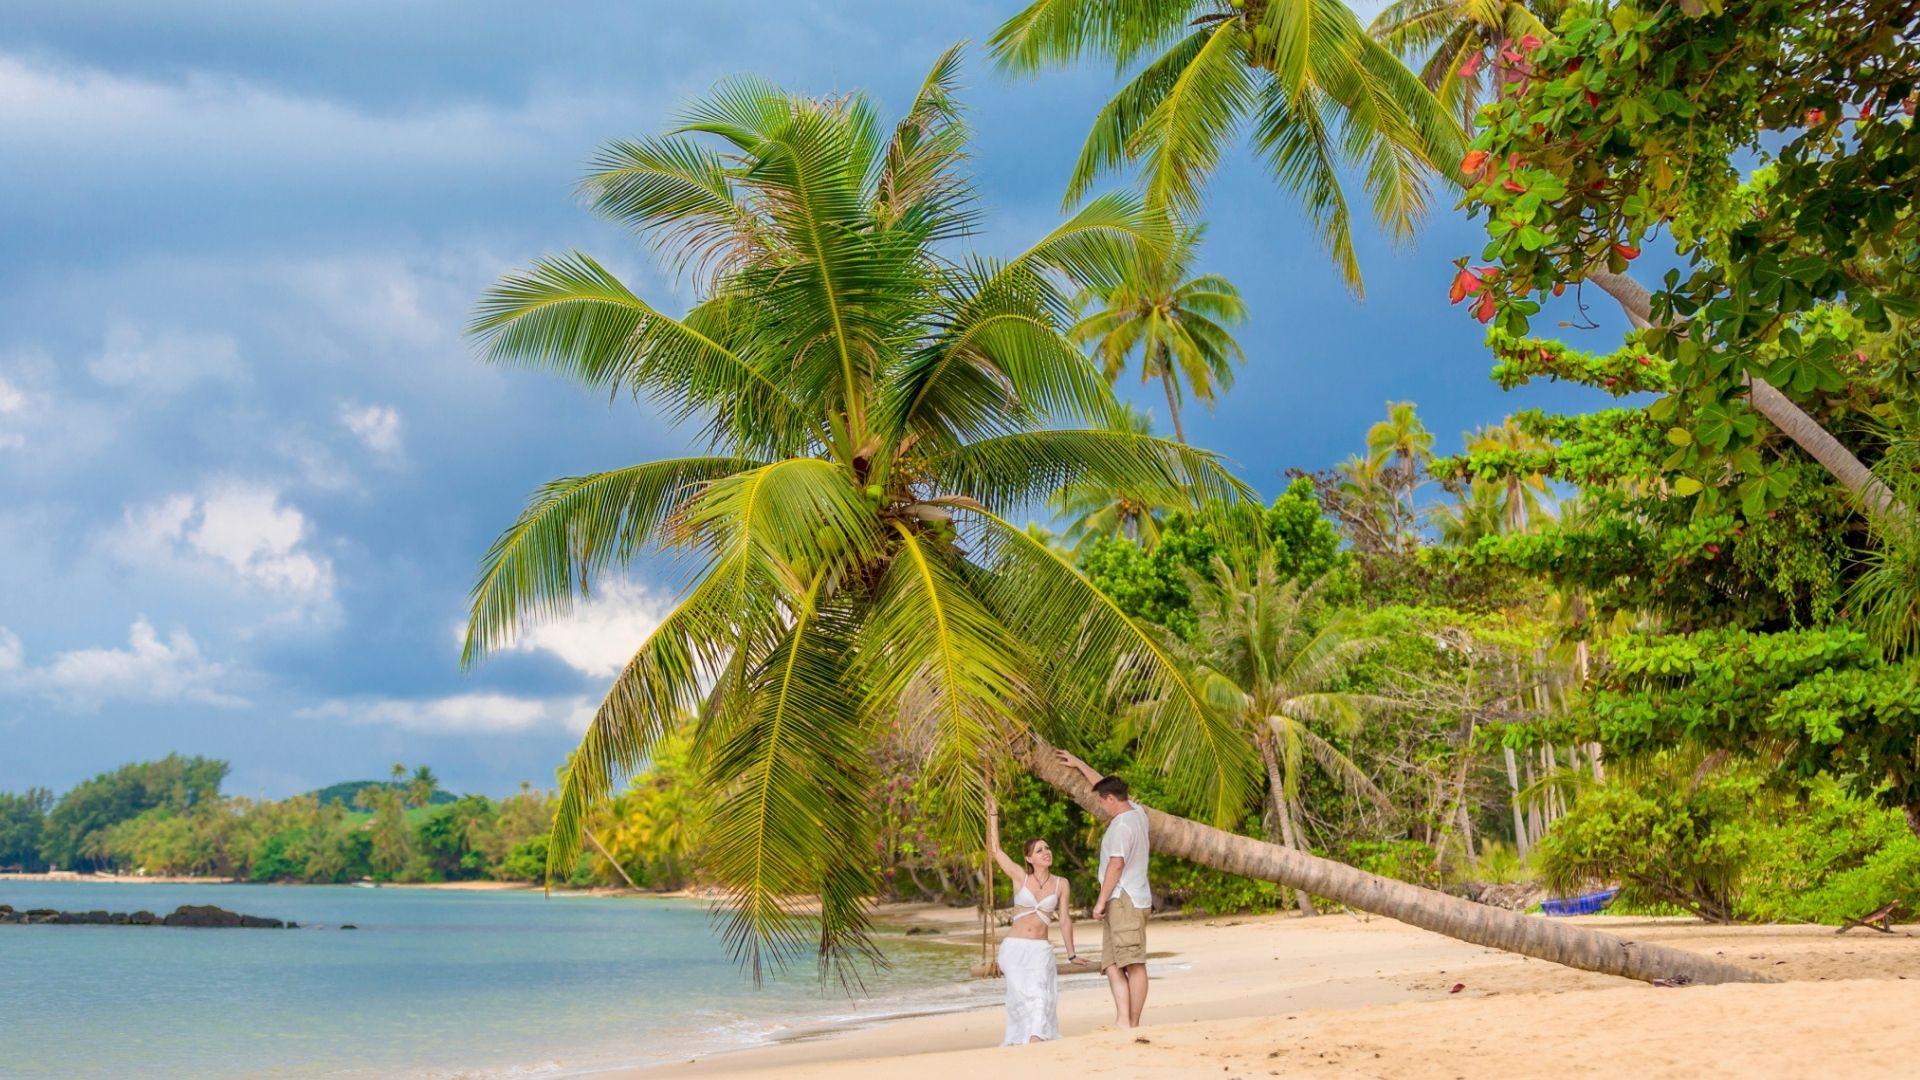 MALDIVAS RIU PALACE